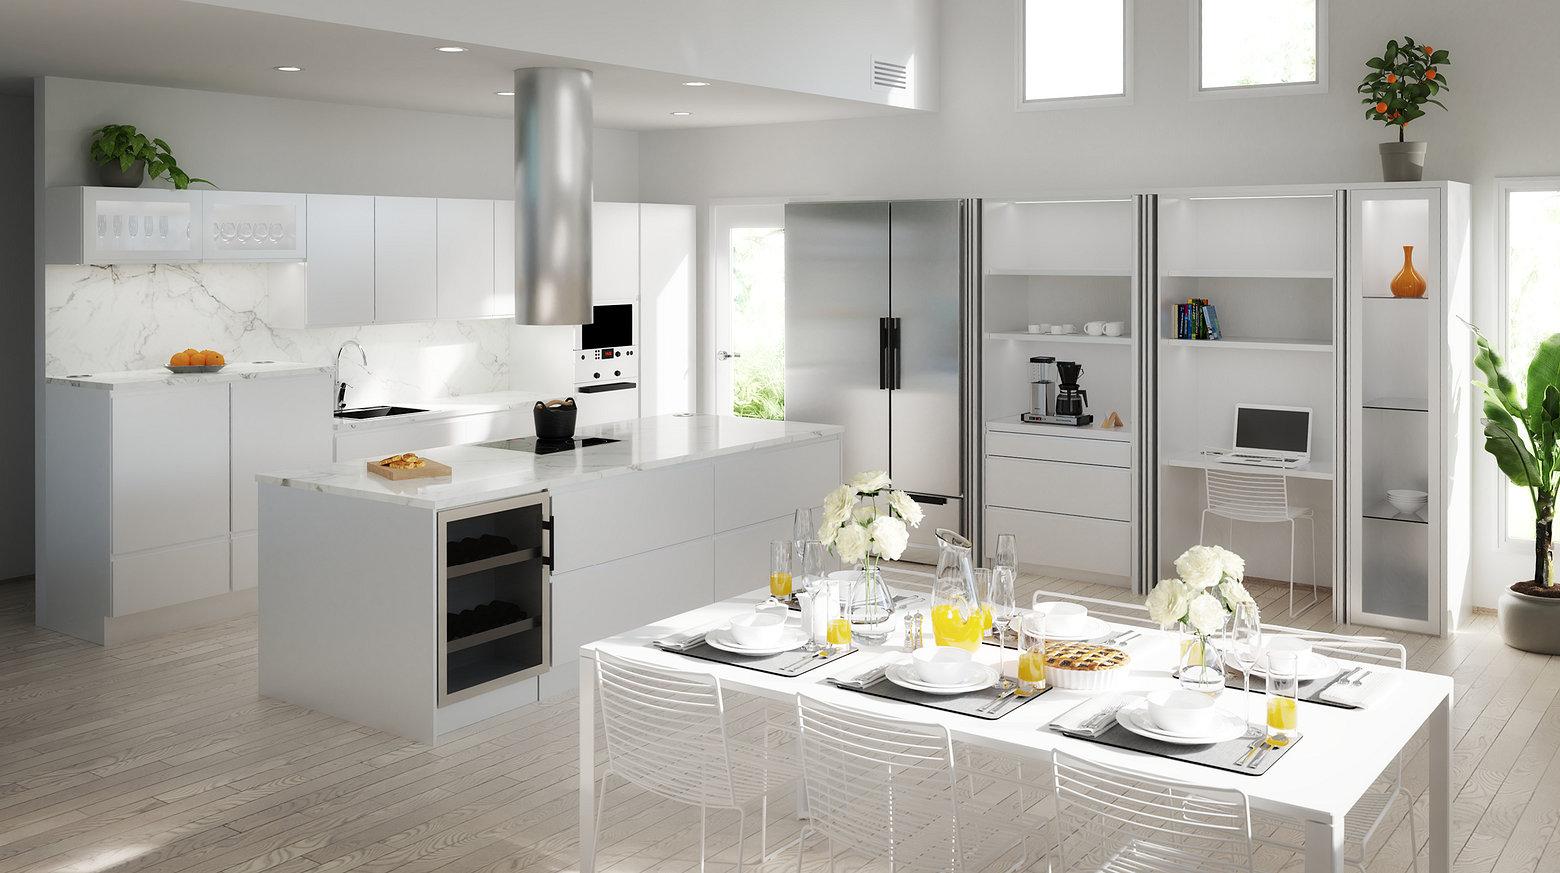 Peltoniemi mallinnettu kuva keittiöstä